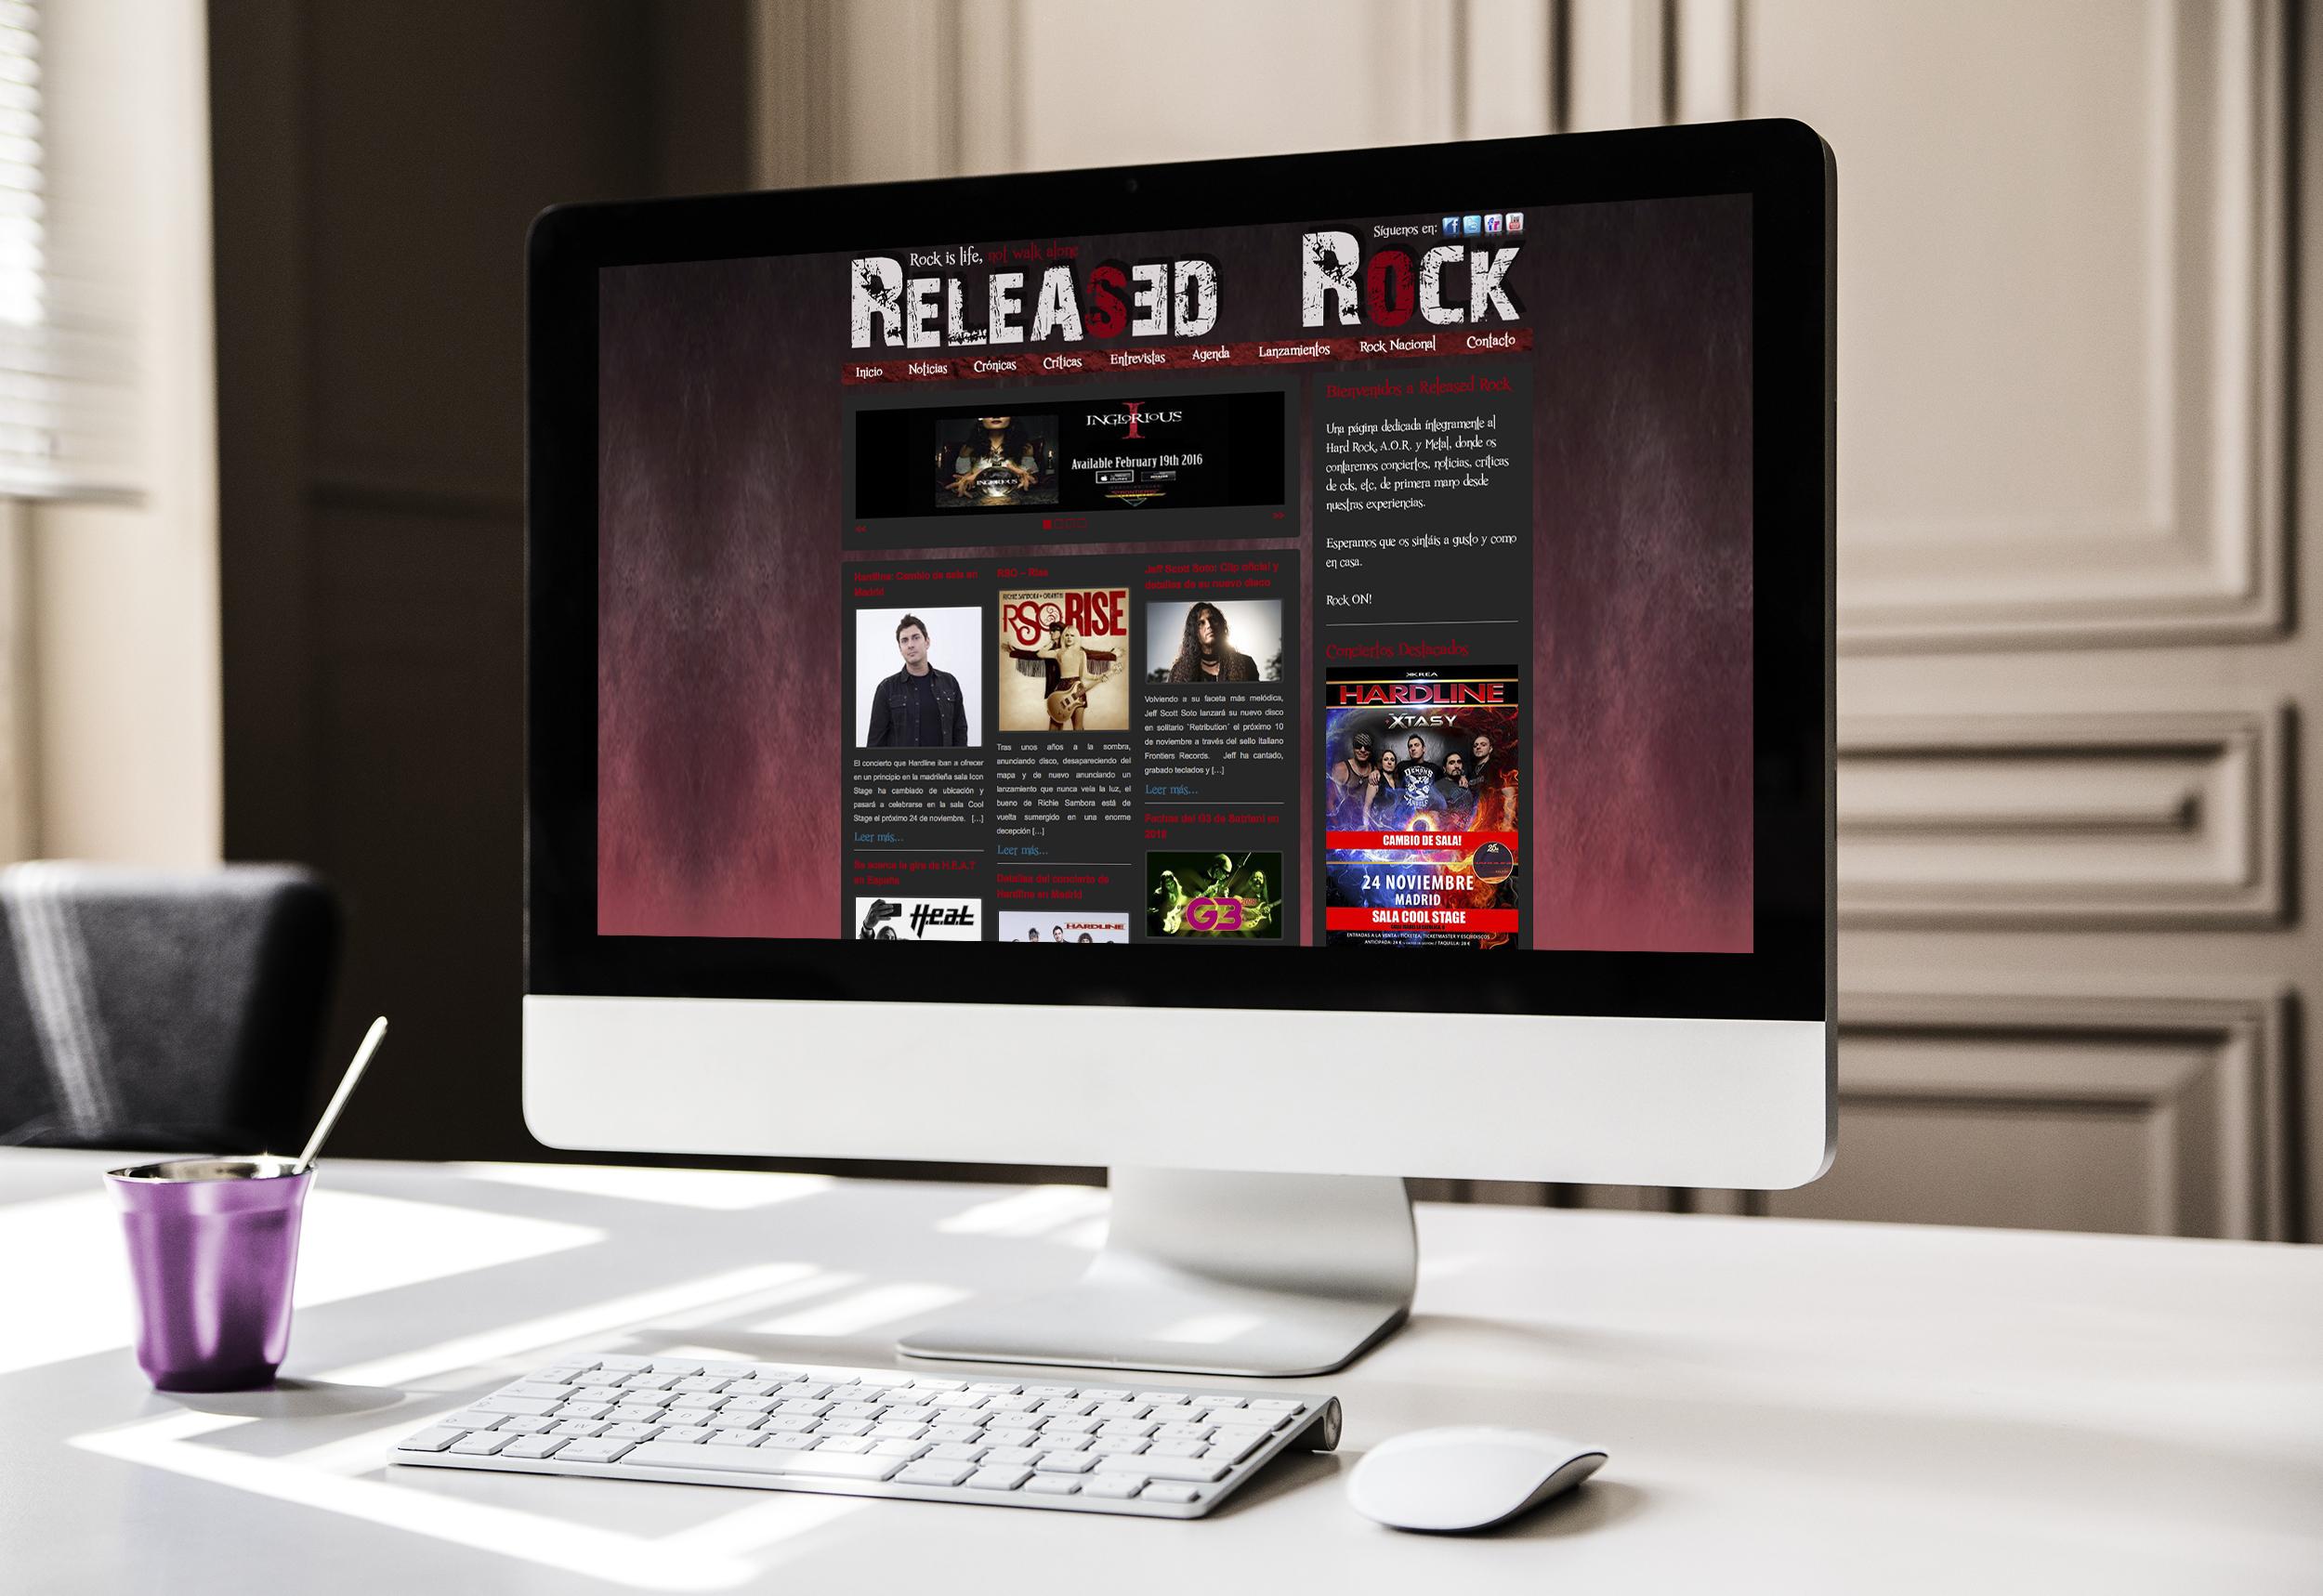 Estudio Creativo, diseño gráfico, Branding, Web, Diseño Logotipo, tarjetas de visita, Servilletas, Posavasos, Cartelería exterior, Menú, Madrid, Released Rock, Hard Rock, Heavy Metal, Web, 8 Purple.